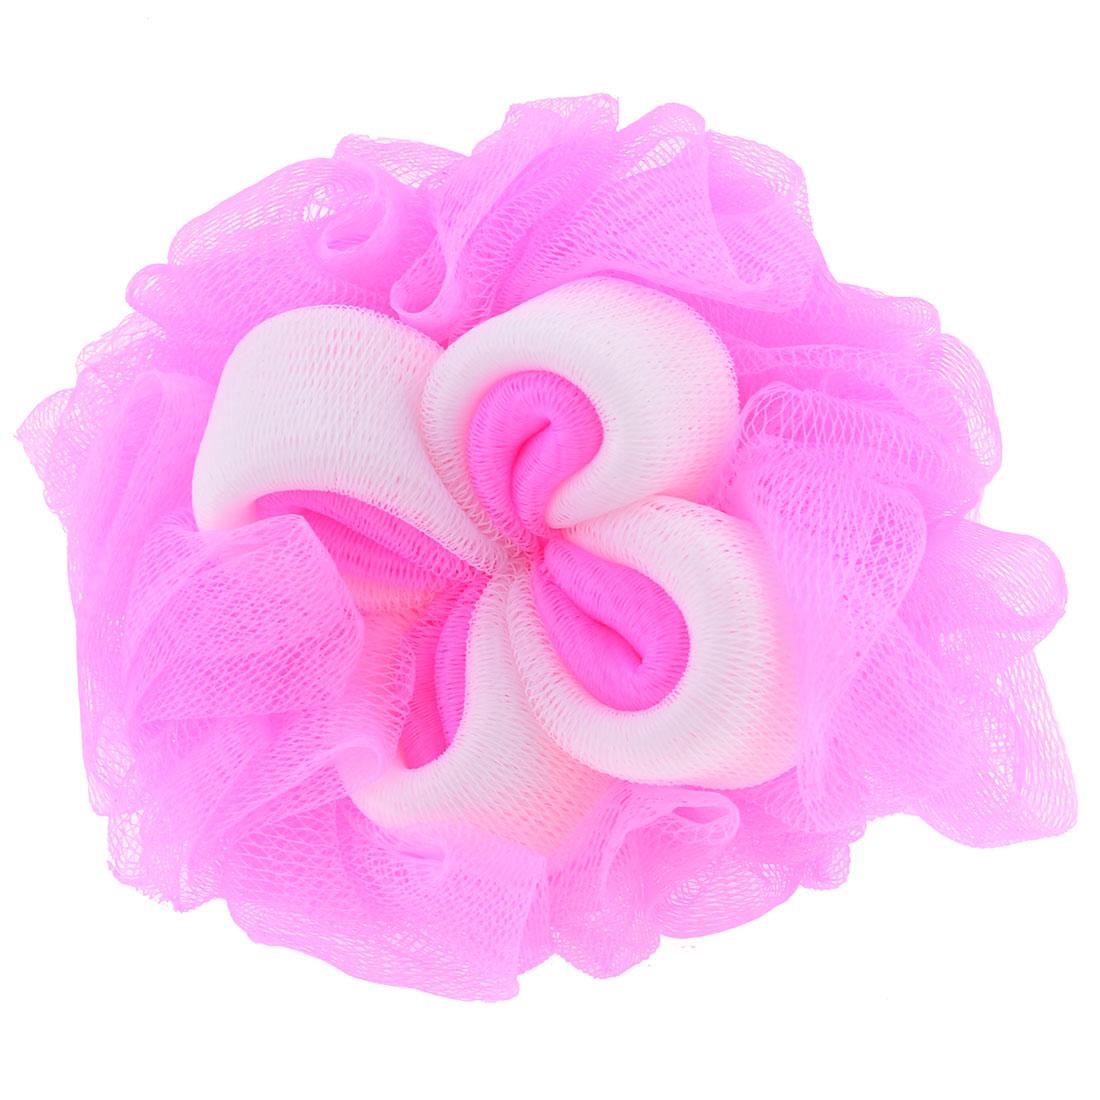 Body Wash Scrubber White Pink Meshy Bath Ball Shower Pouf